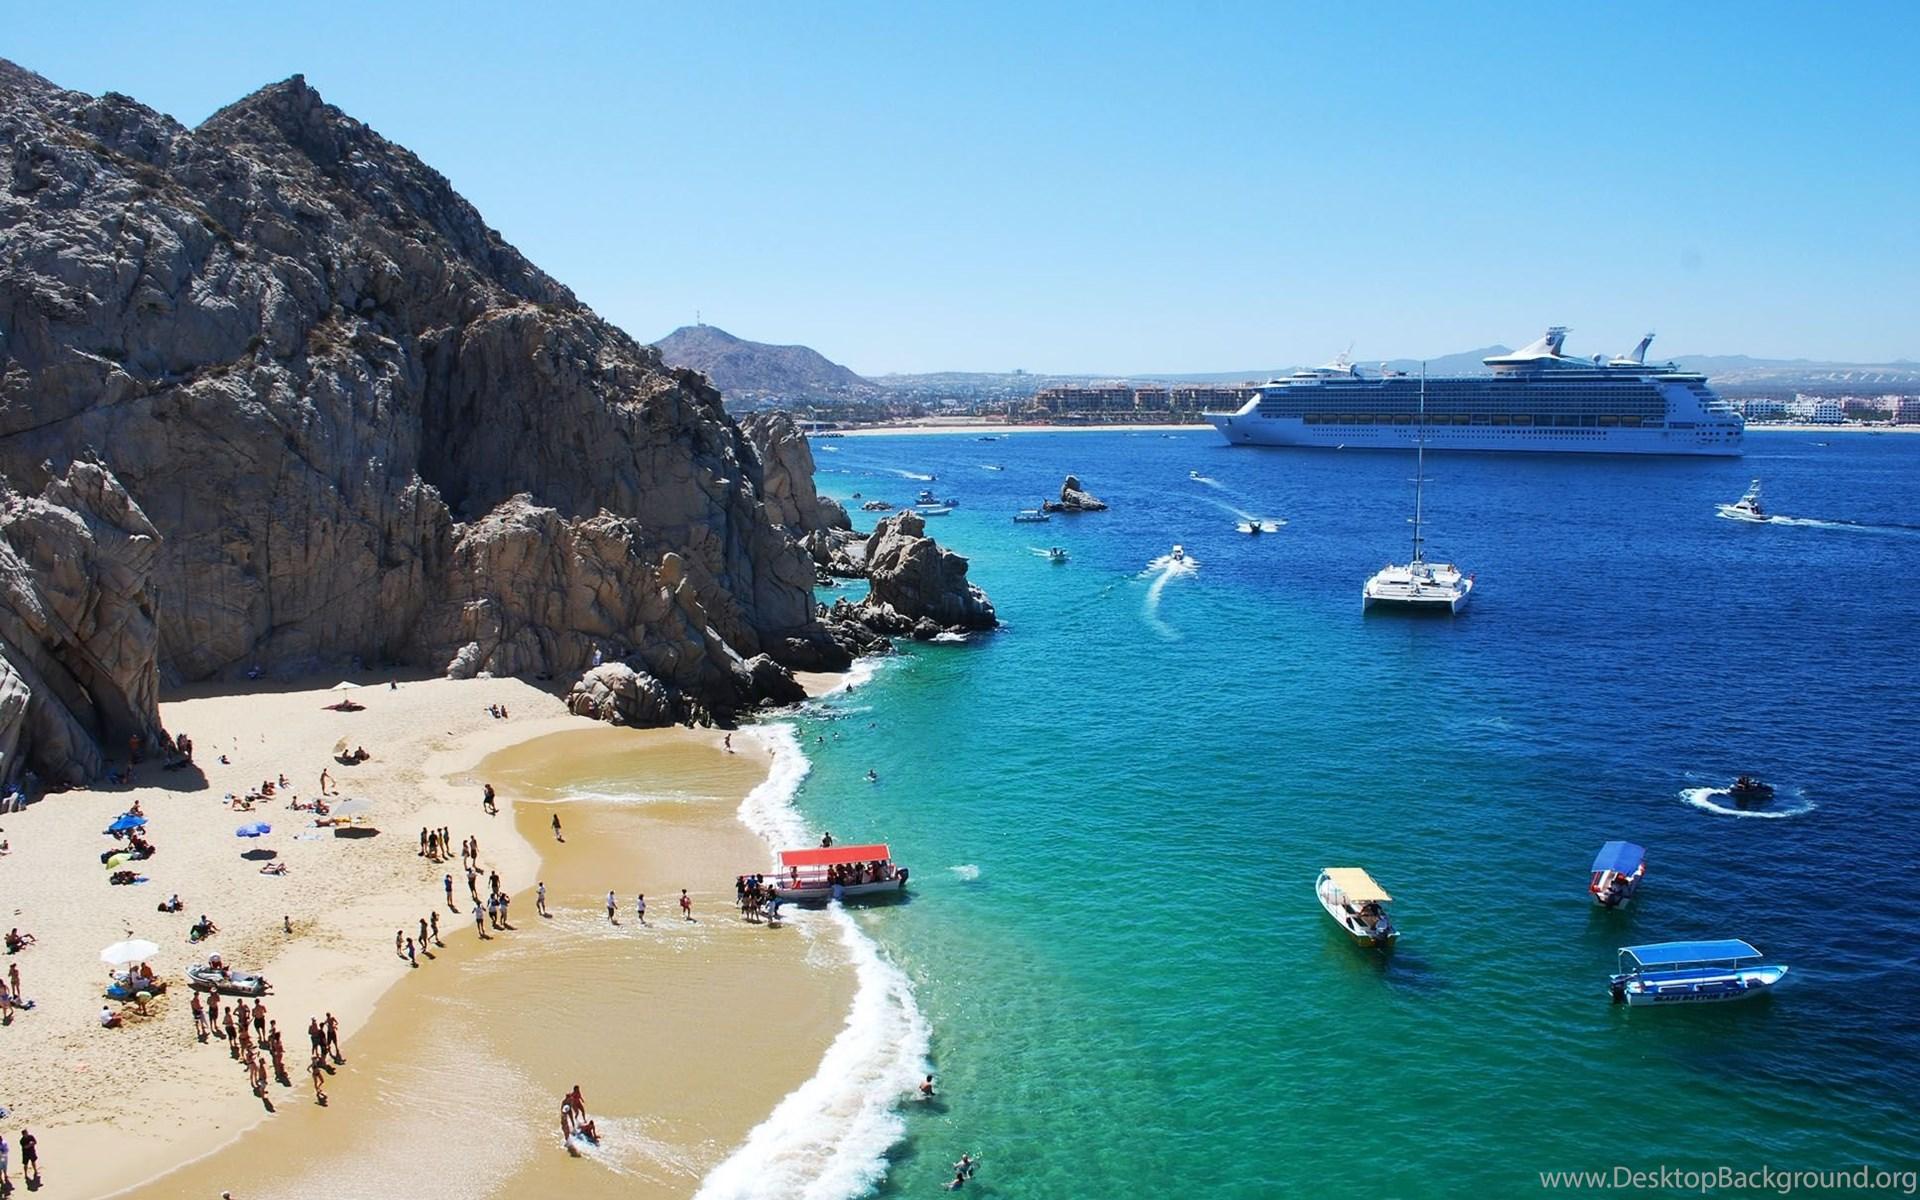 cabo san lucas beaches, cabo fishing desktop background